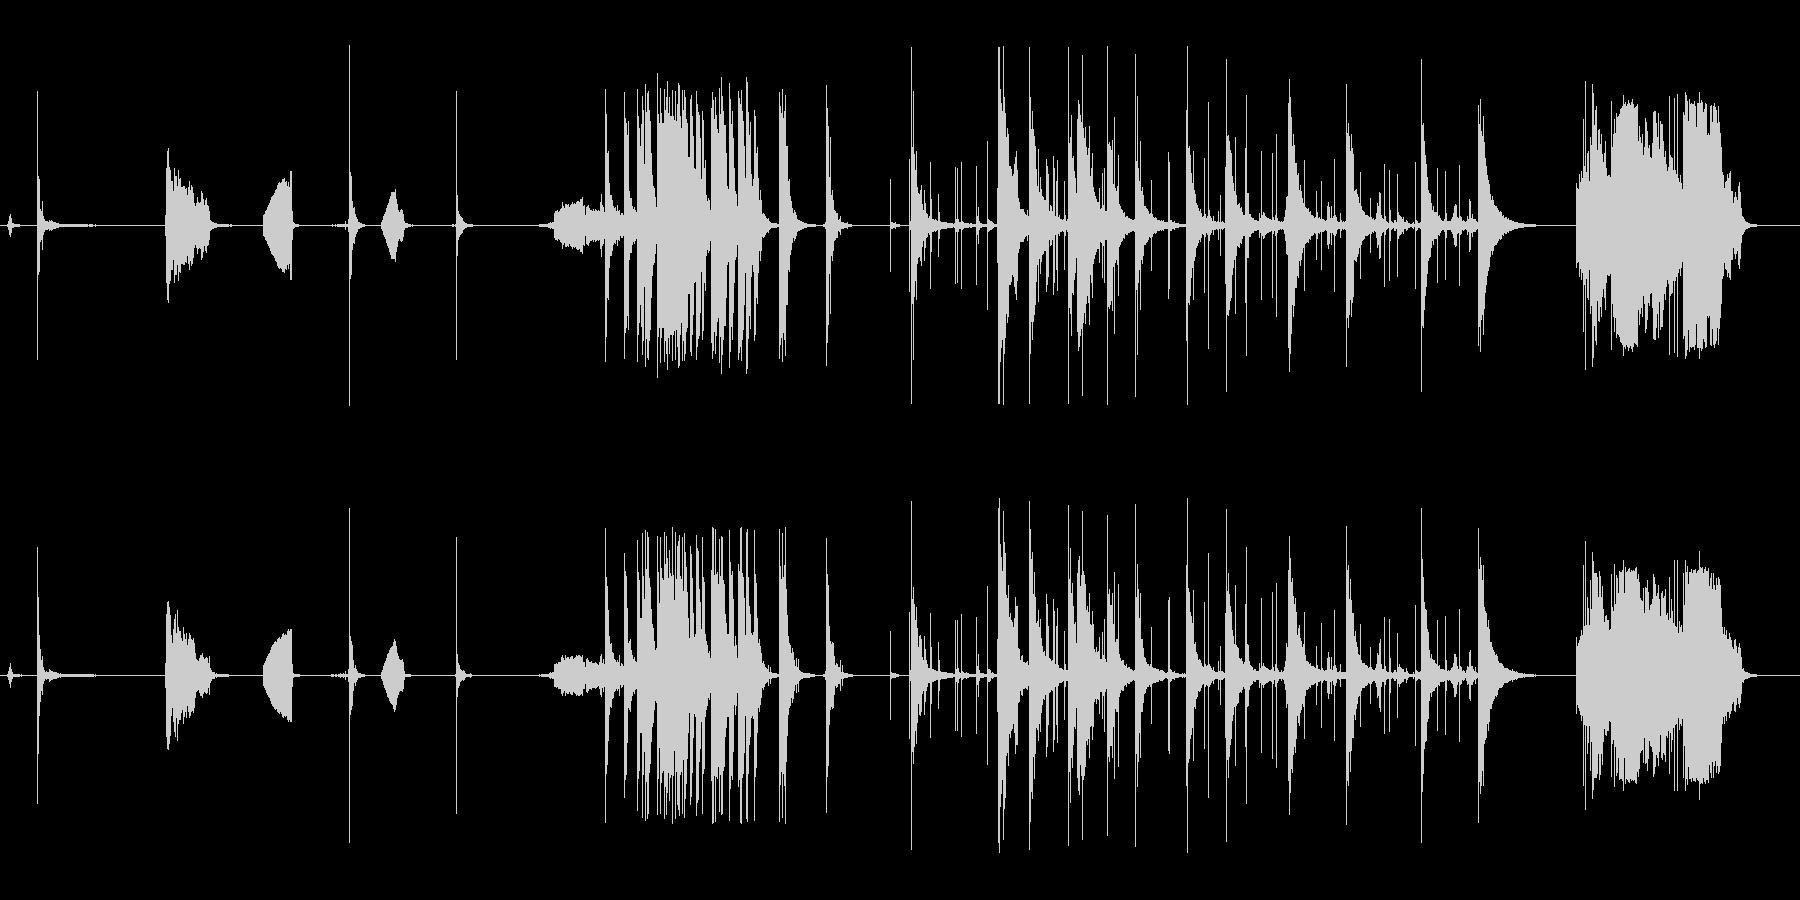 花火、ロケット、3つのシングル、3...の未再生の波形